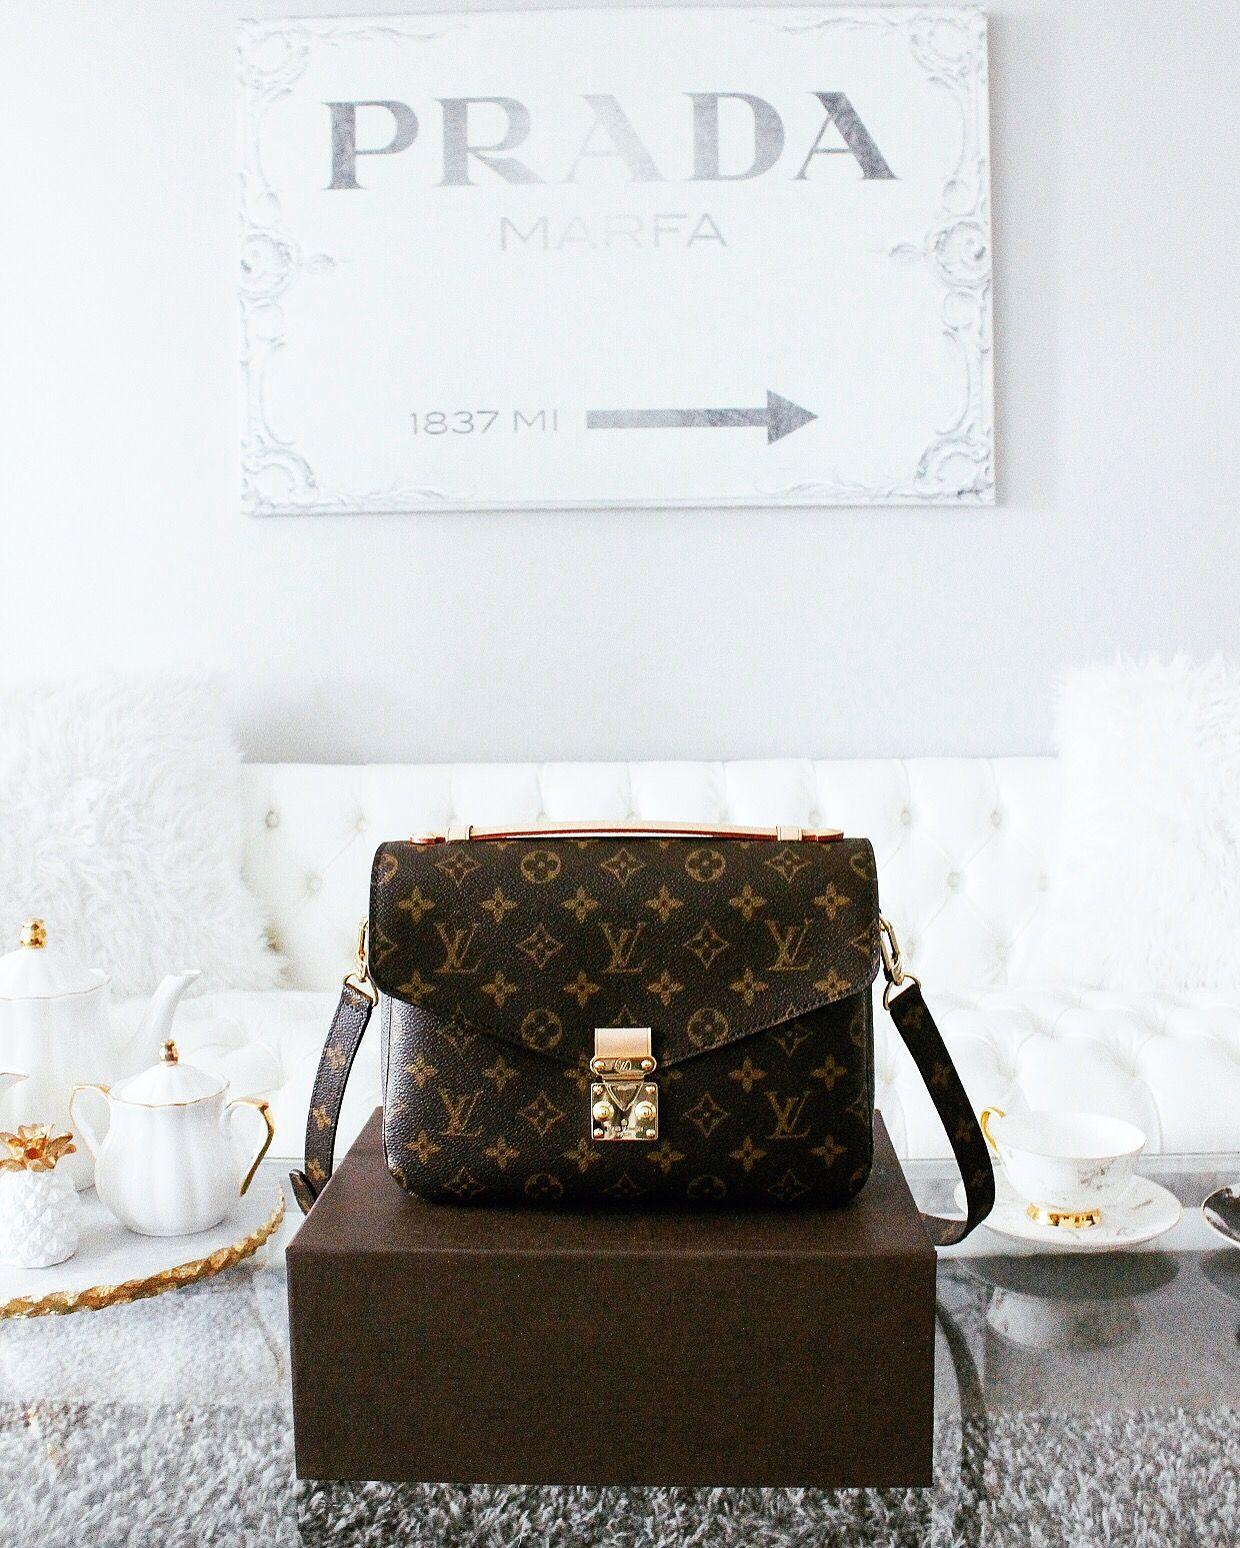 99a505cfa4248 Louis Vuitton Pochette Métis - Nina Schwichtenberg verrät euch in ihrem  Trendreport